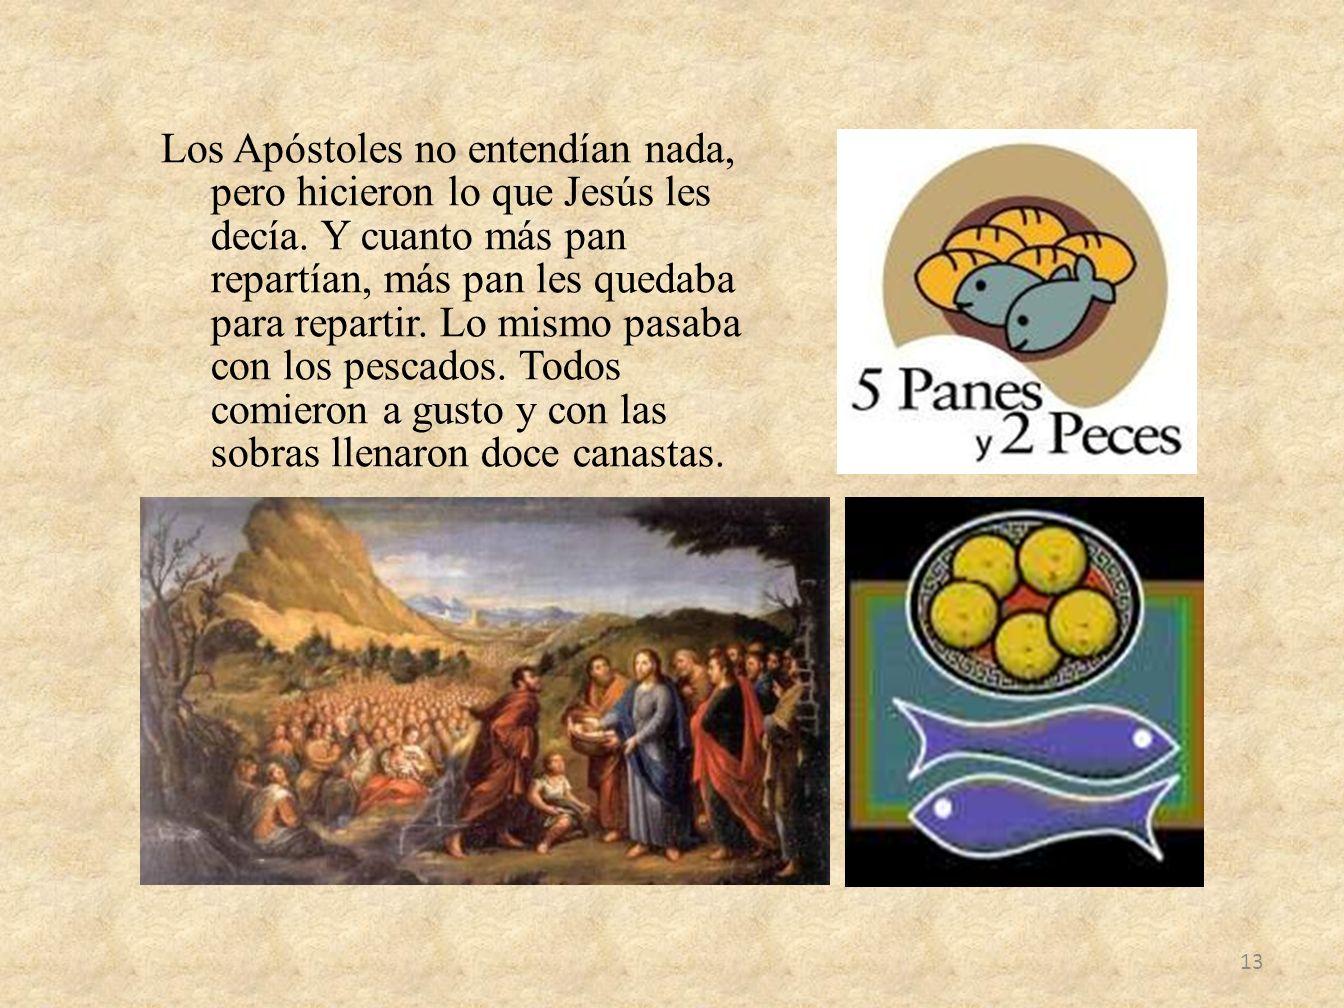 Los Apóstoles no entendían nada, pero hicieron lo que Jesús les decía